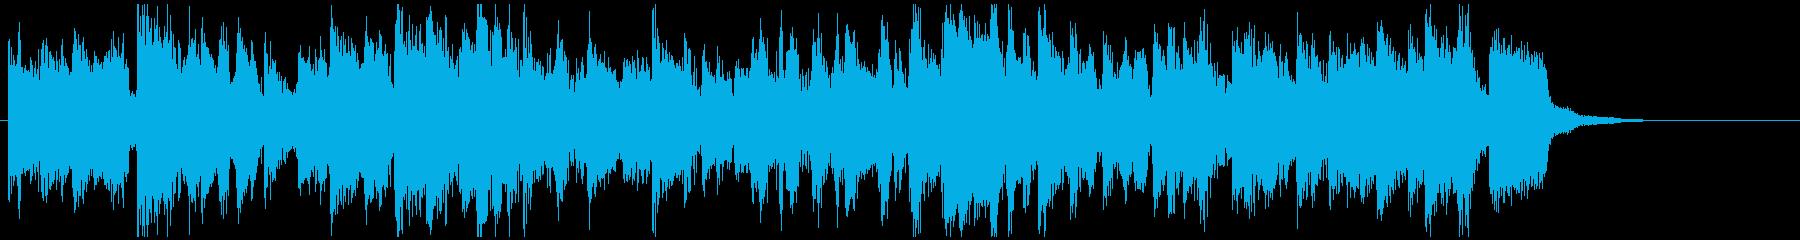 凛々しい生音系ファンク◆CM向け15秒曲の再生済みの波形